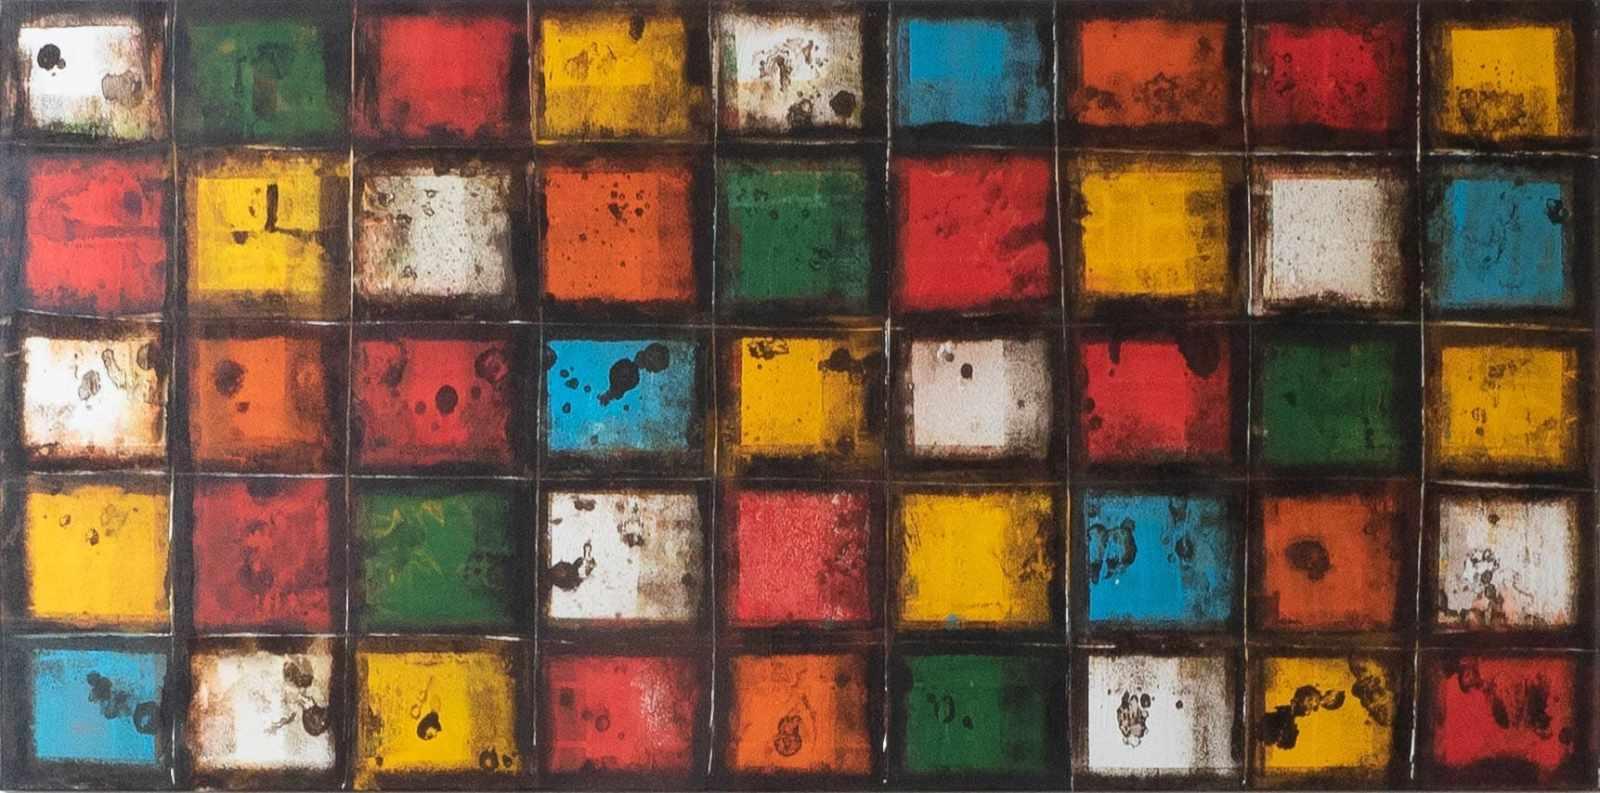 Acrylbild 'Windows' – 180 x 90 cm